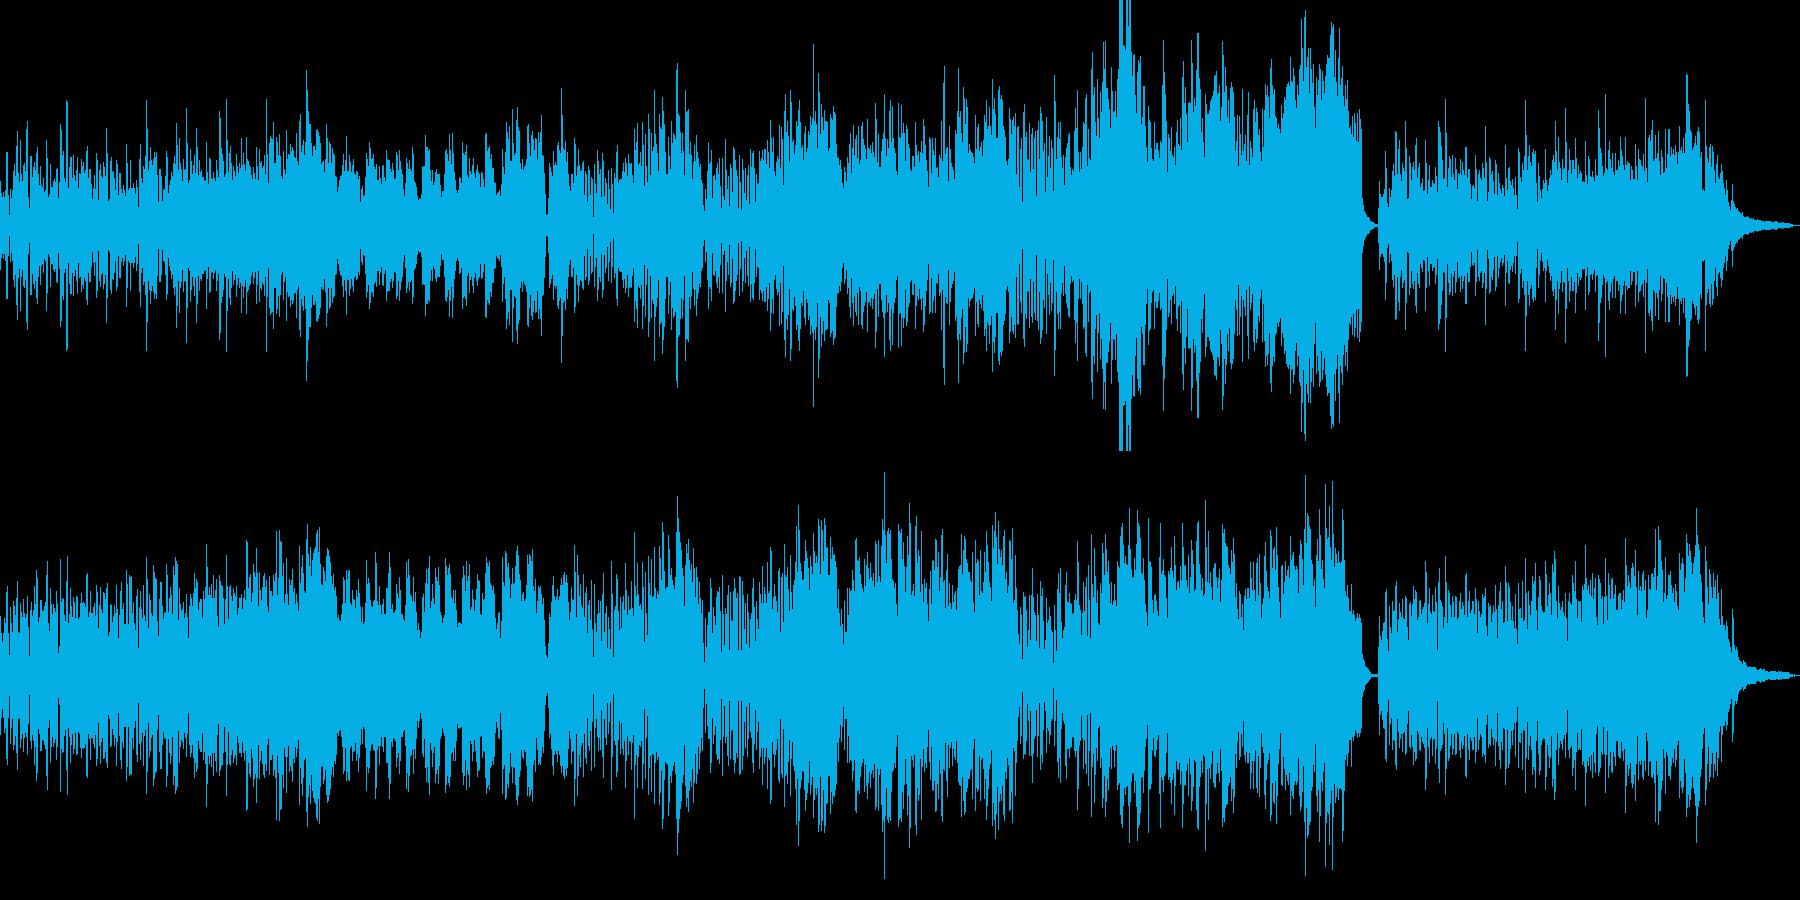 軽快な雰囲気のBGMの再生済みの波形